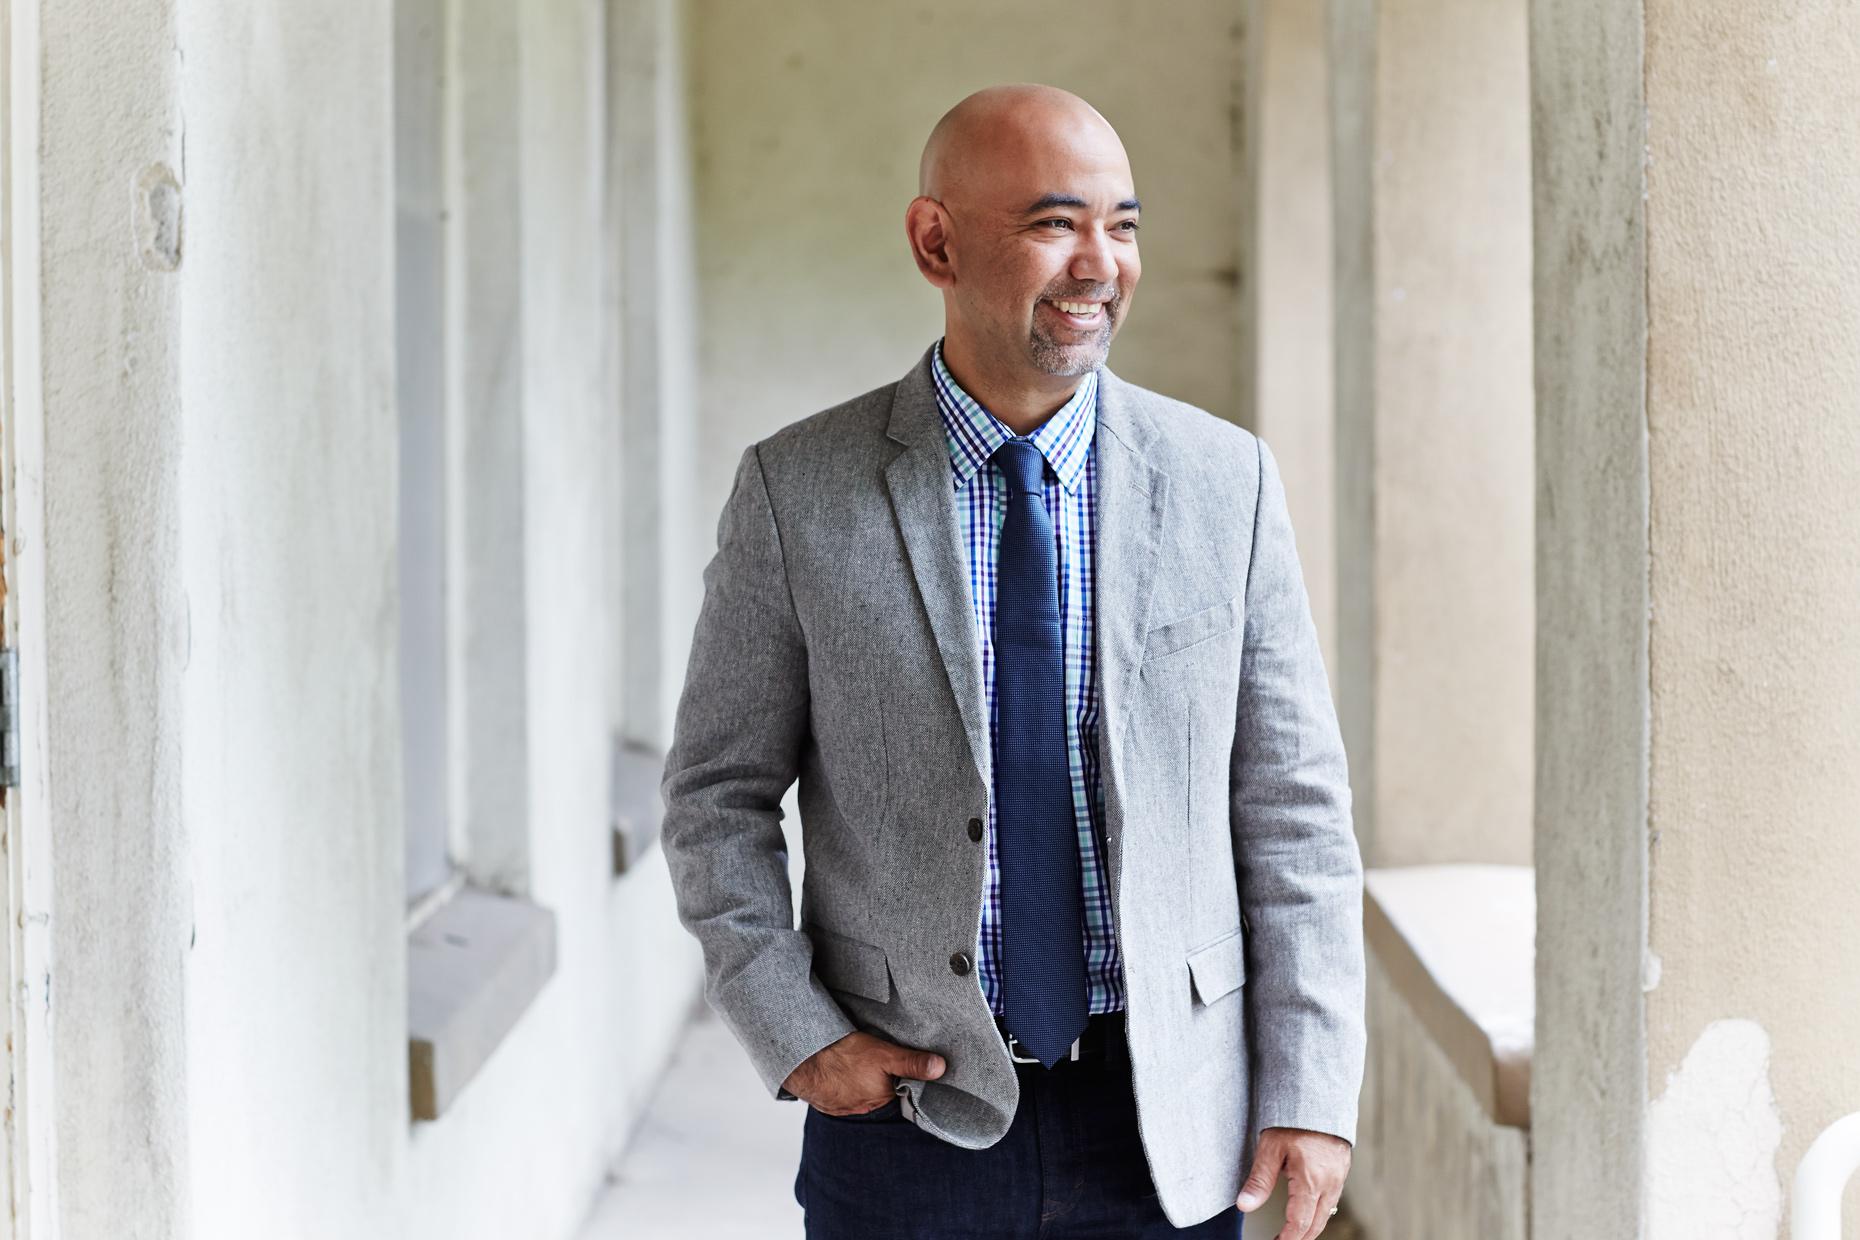 Portrait Photography Derek Israelsen Business Man Enrique